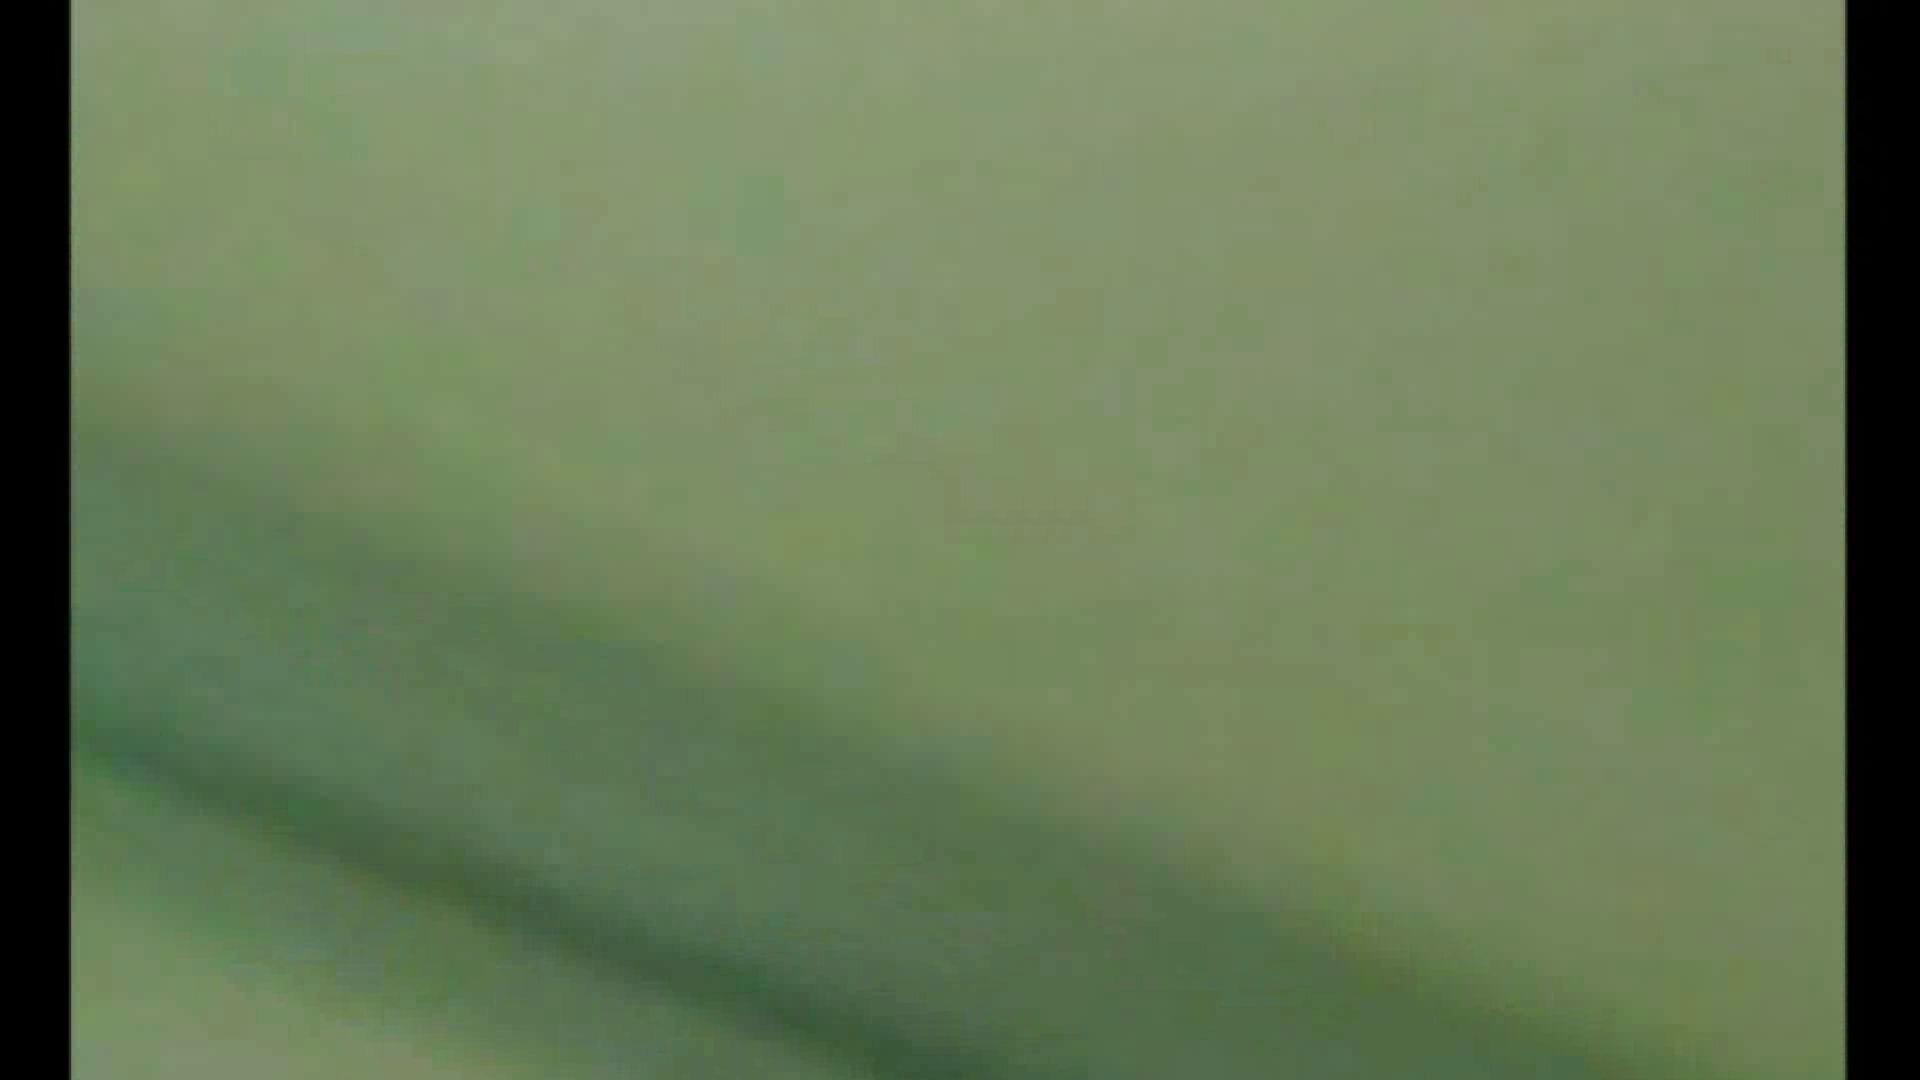 イケメンの素顔in洗面所 Vol.17 おしっこ | イケメンのsex  58pic 41